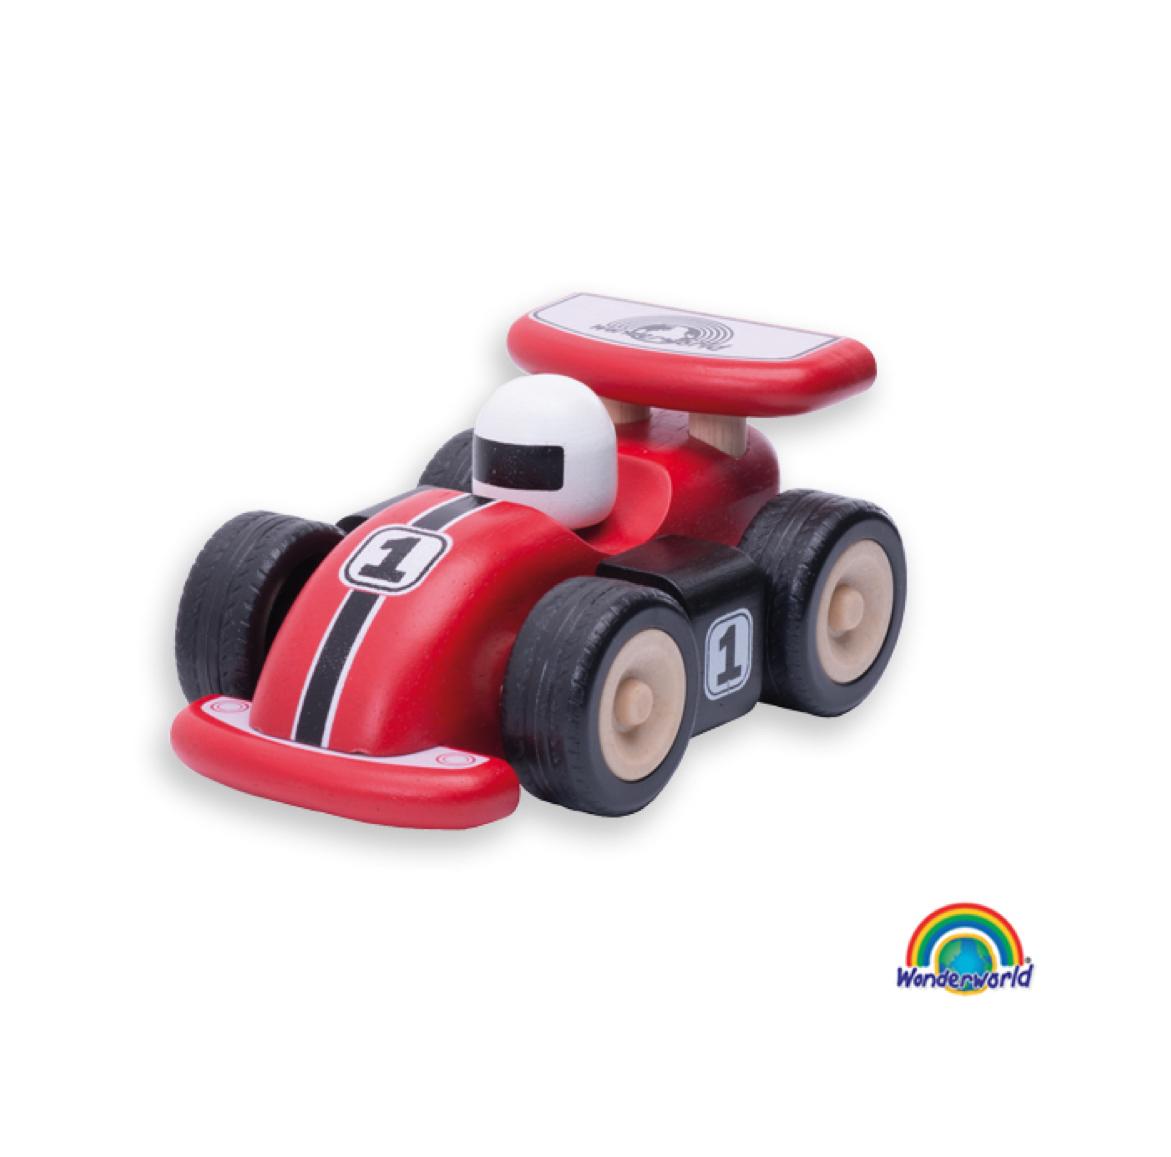 mini-racing-car-de-wonderworld-en-el-mundo-de-mico